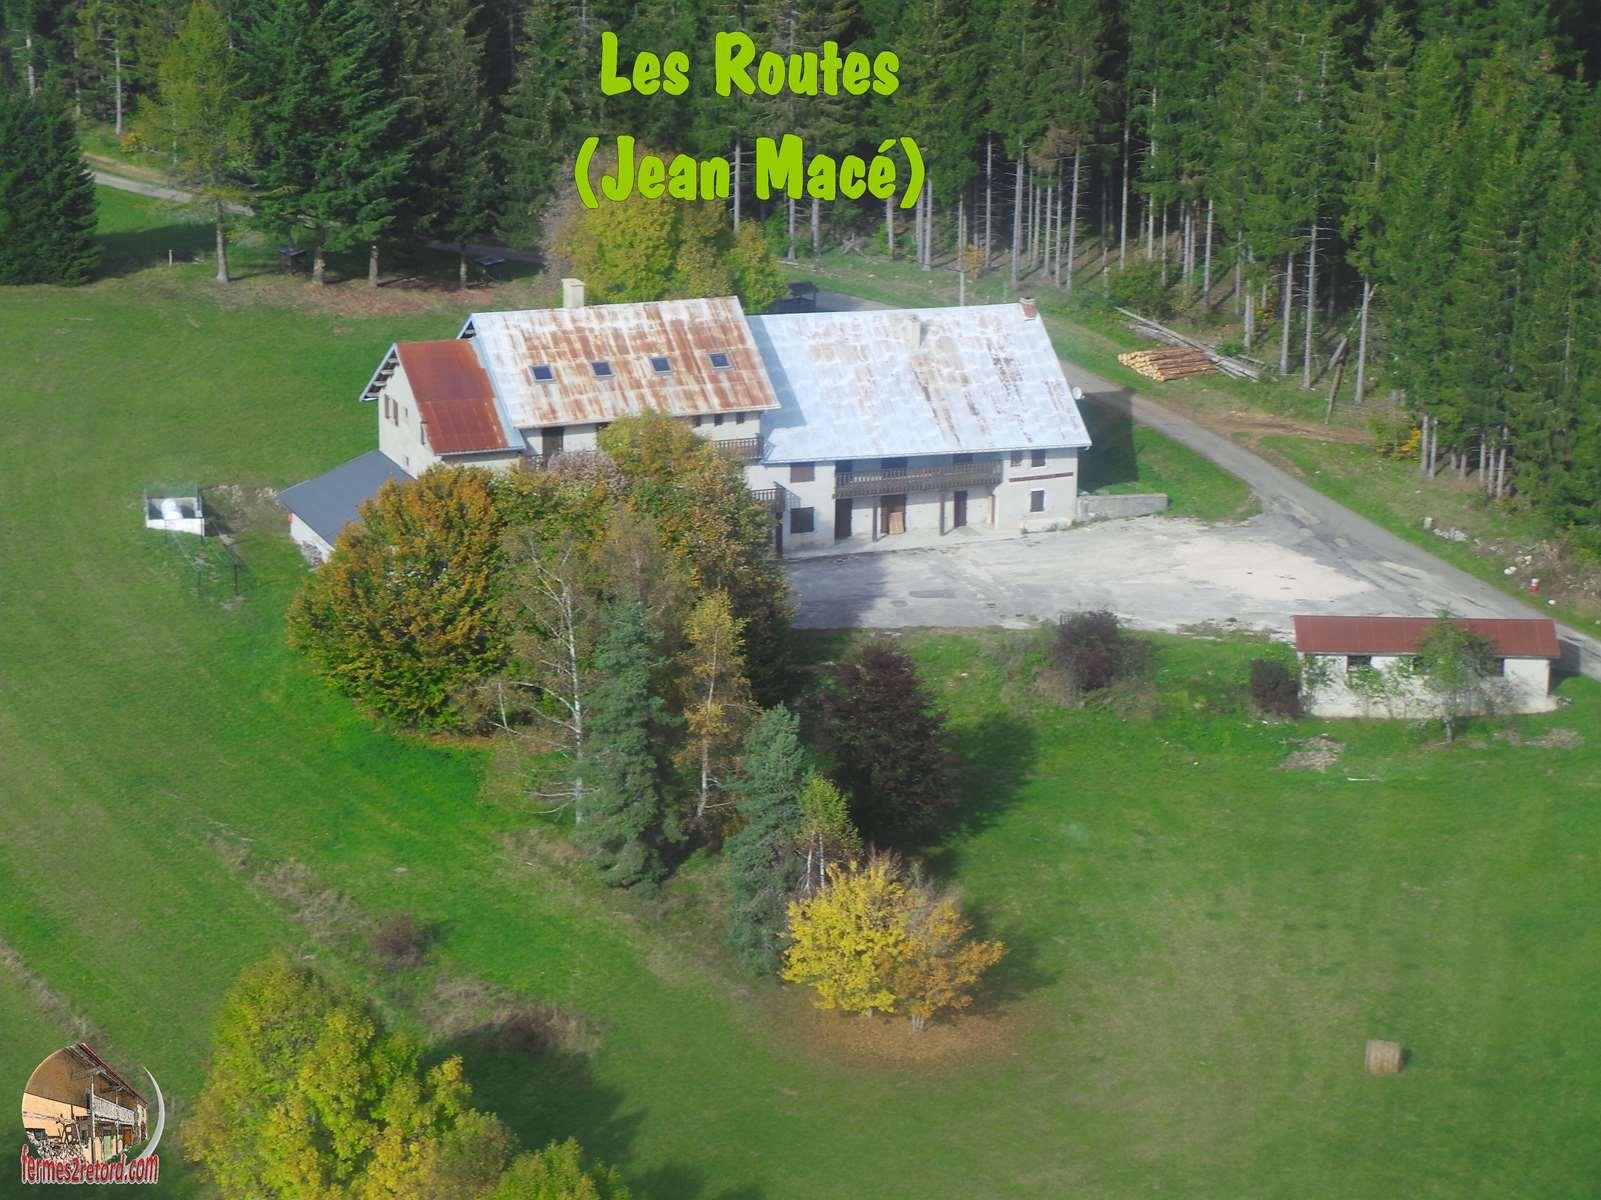 Les_Routes_Jean_Macé.jpg